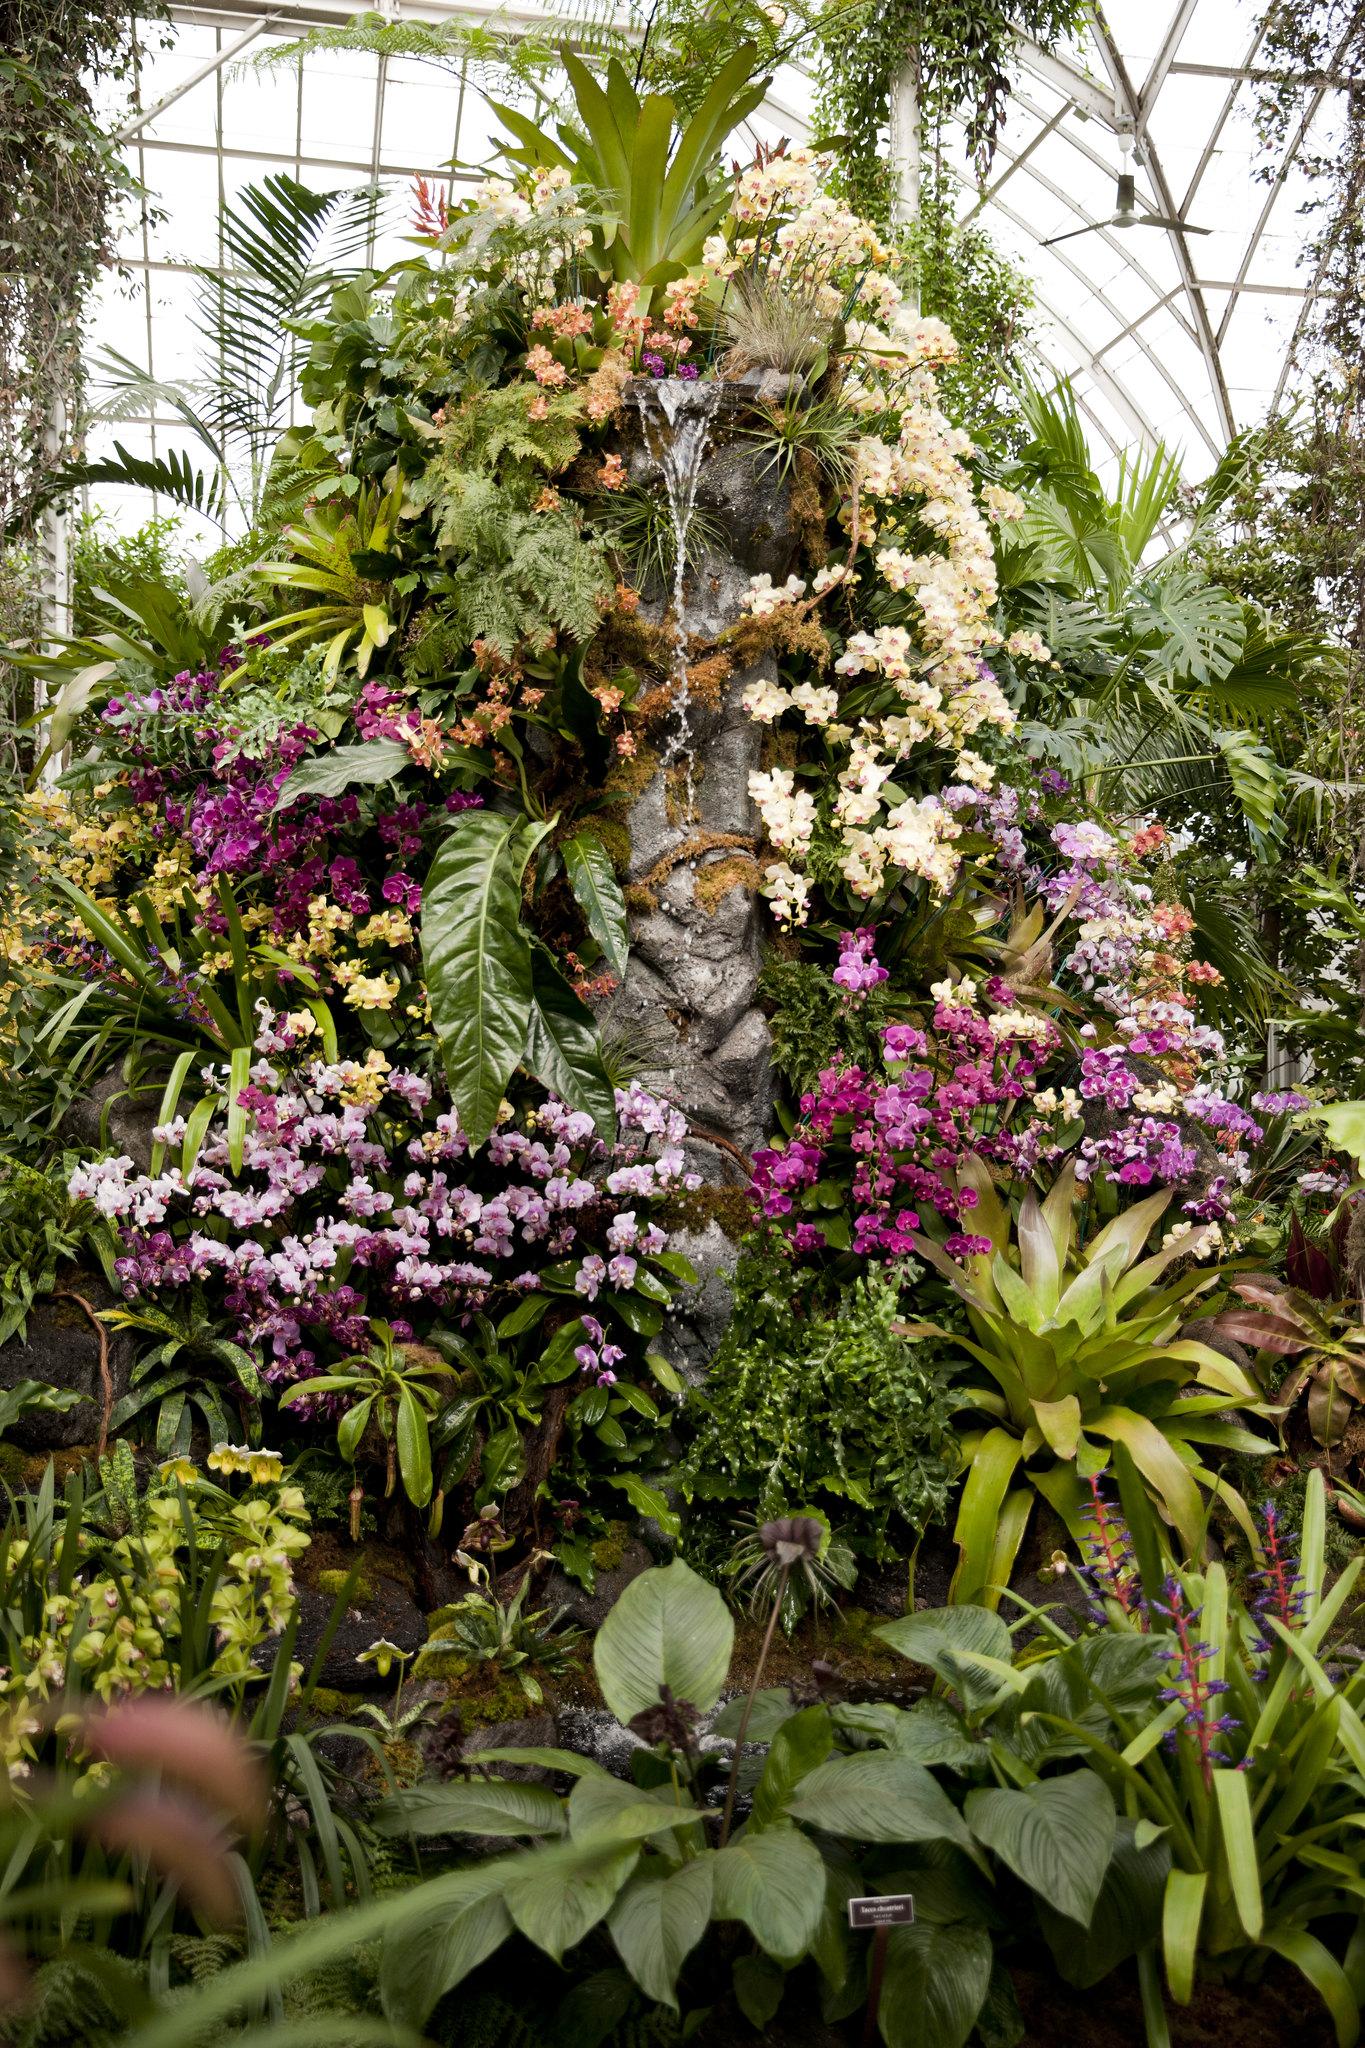 The New York Botanical Garden Flickr